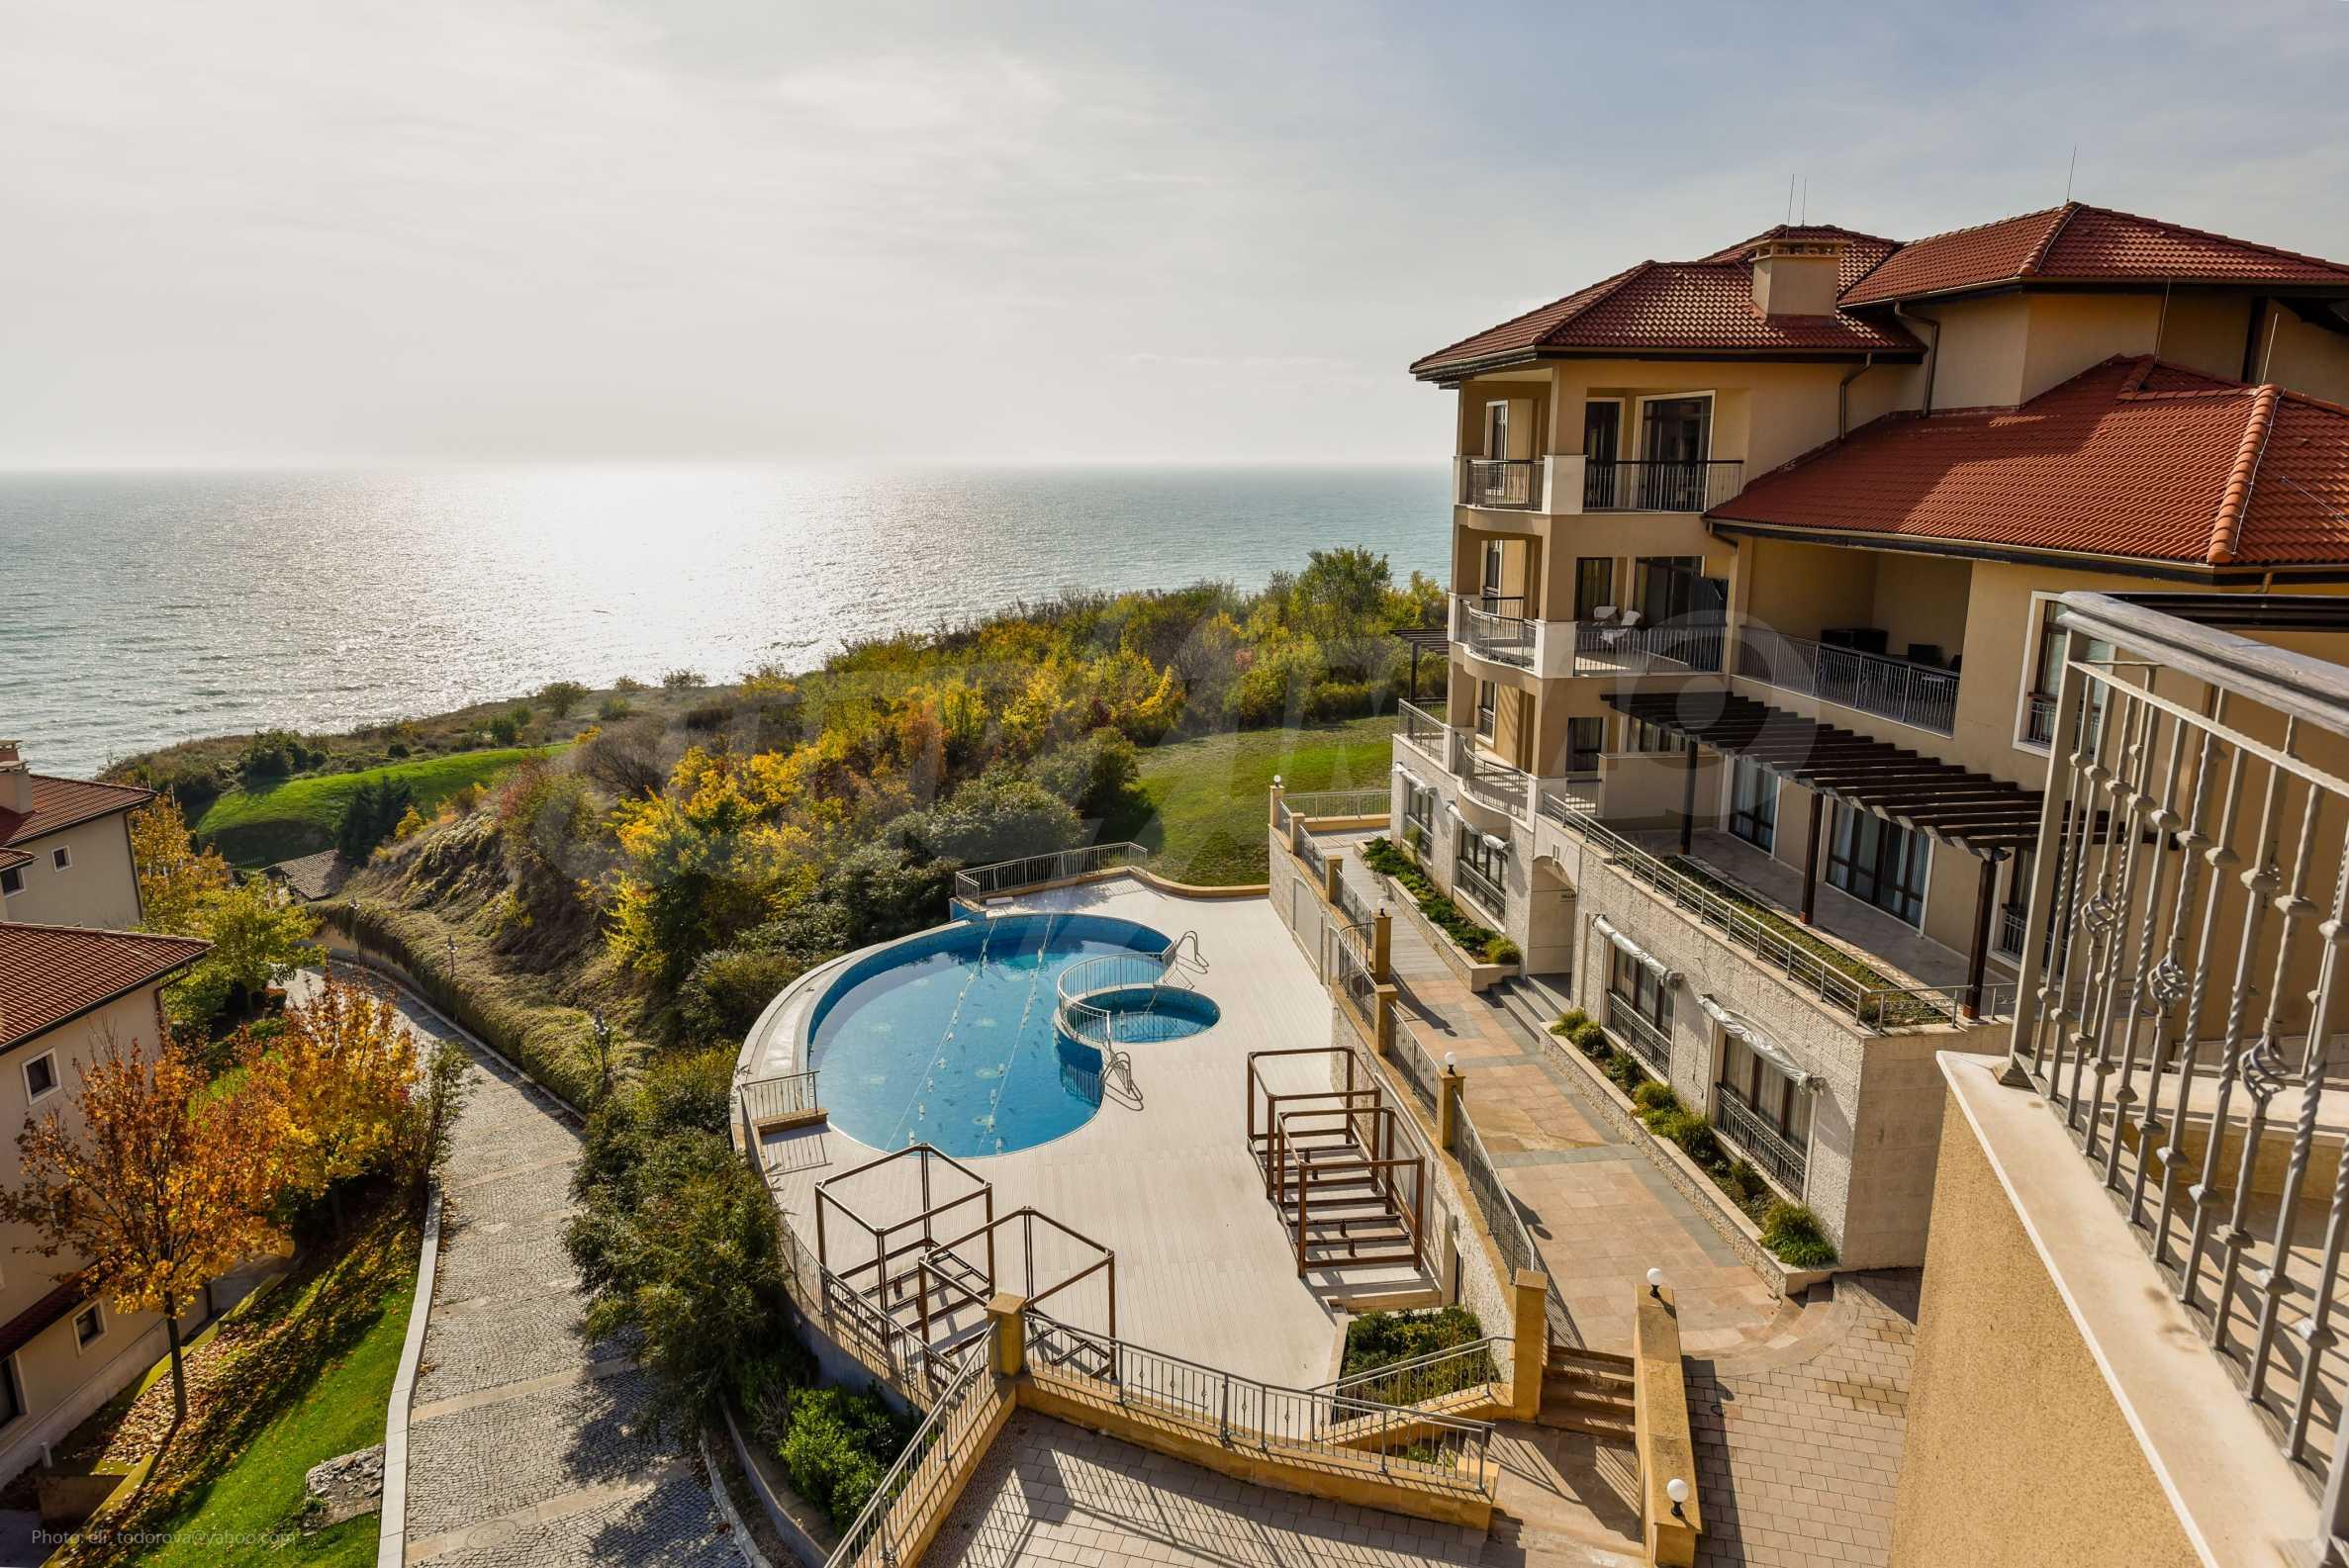 Thracian Cliffs Golf & Beach Resort - гольф-курорт мирового класса